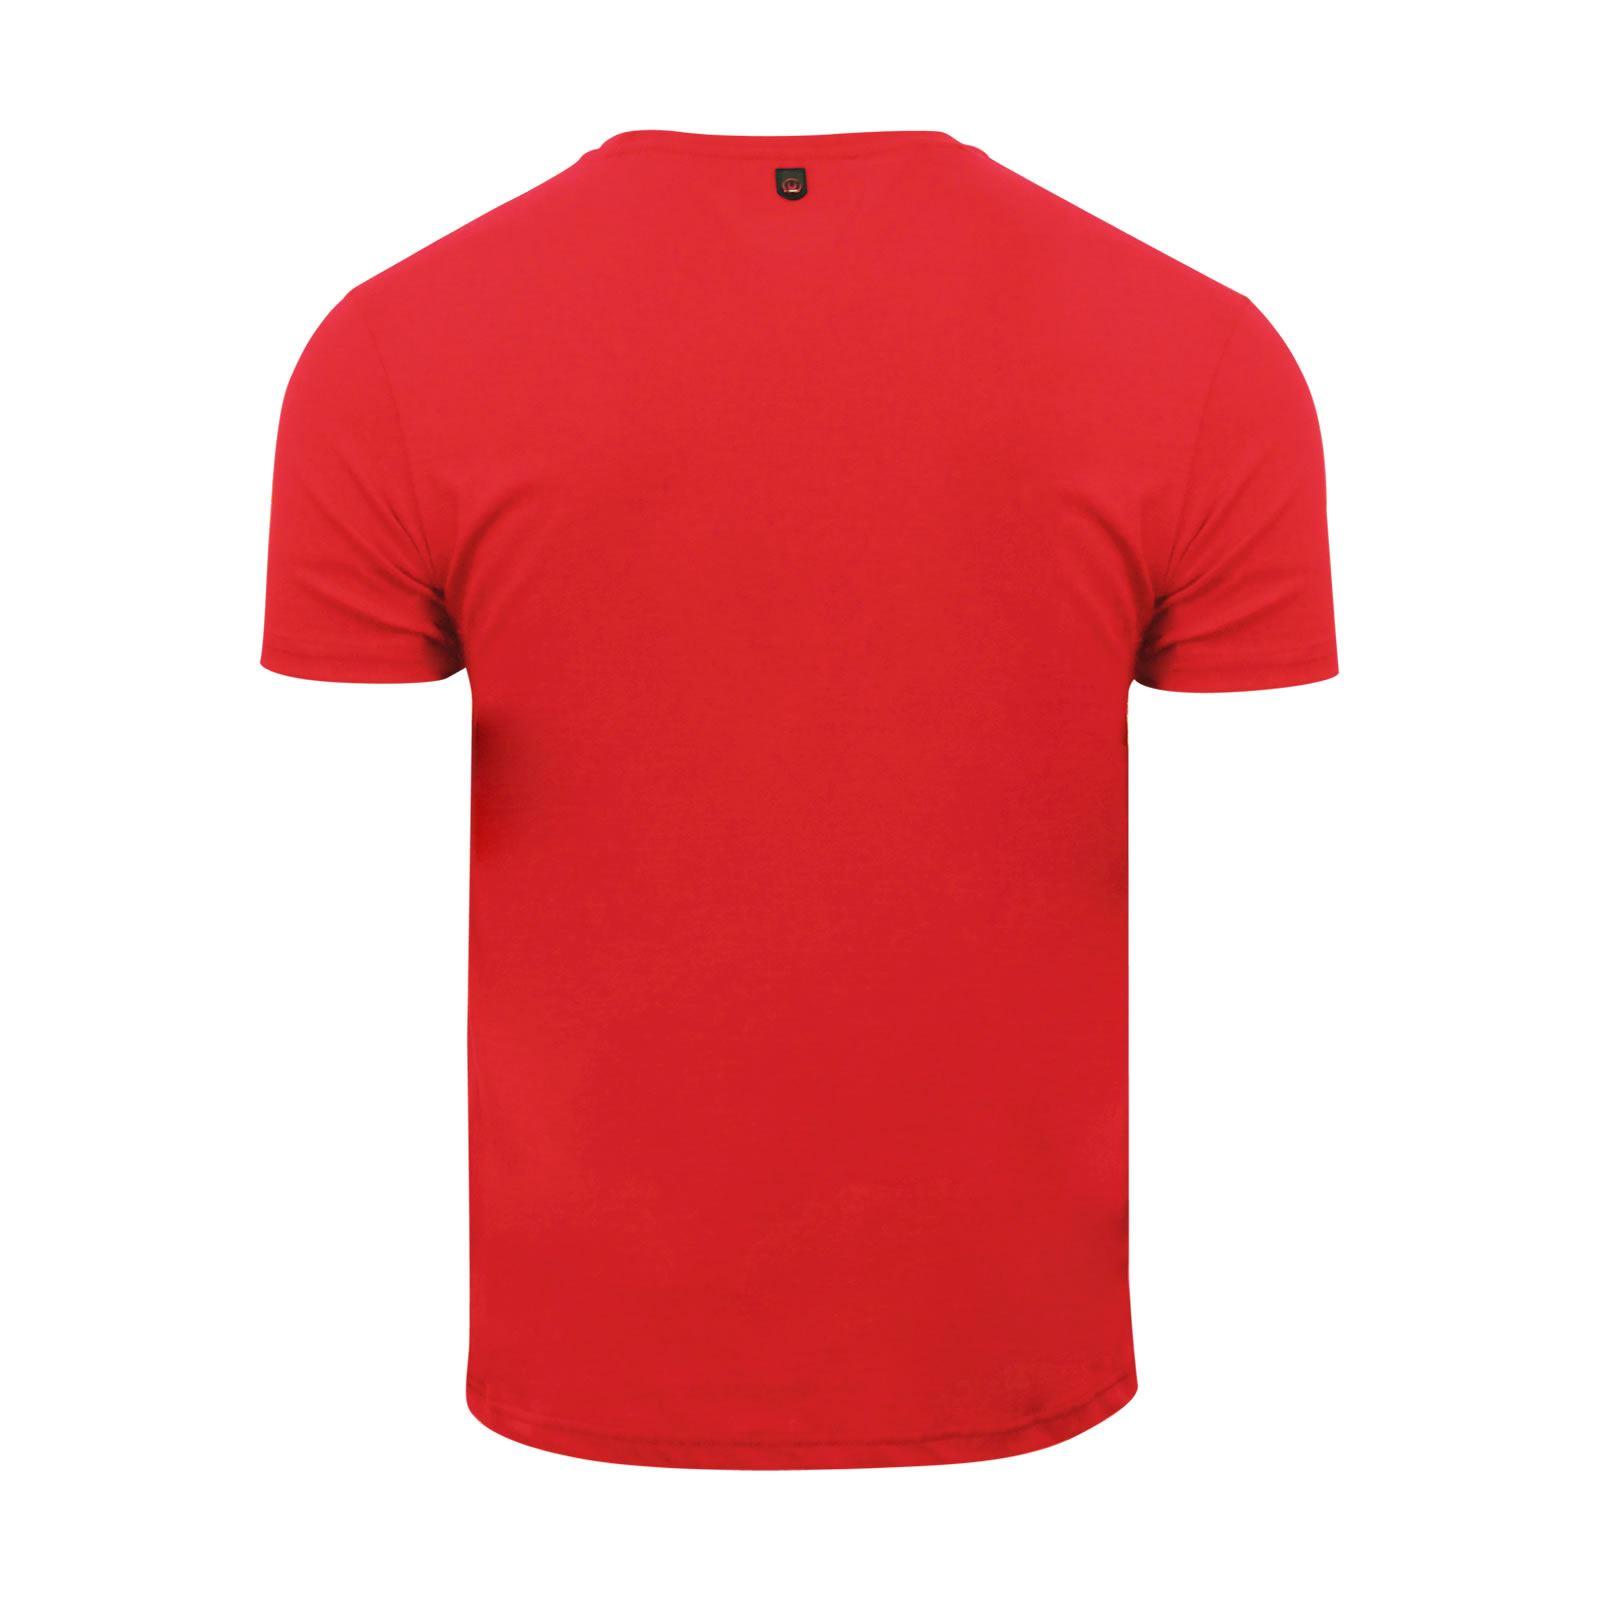 miniature 5 - Hommes-T-Shirt-Duck-amp-Cover-JEREM-a-encolure-ras-du-cou-a-manches-courtes-Graphic-Tee